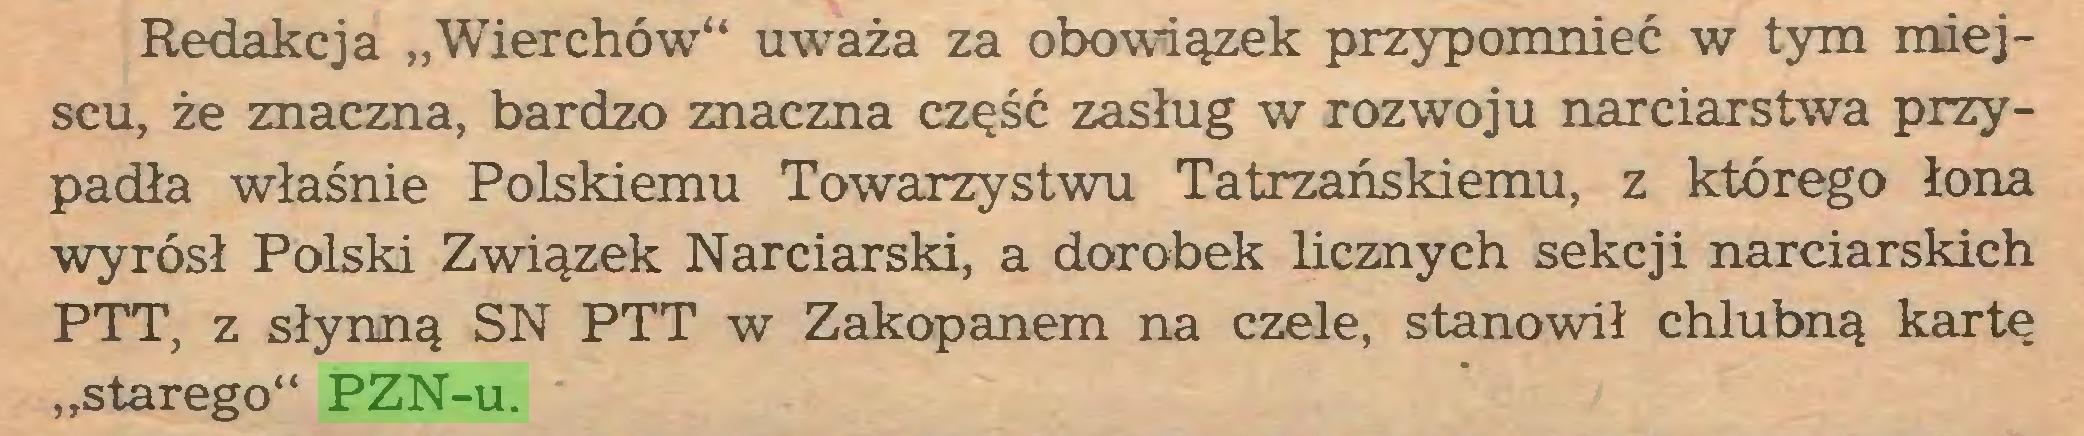 """(...) Redakcja """"Wierchów"""" uważa za obowiązek przypomnieć w tym miejscu, że znaczna, bardzo znaczna część zasług w rozwoju narciarstwa przypadła właśnie Polskiemu Towarzystwu Tatrzańskiemu, z którego łona wyrósł Polski Związek Narciarski, a dorobek licznych sekcji narciarskich PTT, z słynną SN PTT w Zakopanem na czele, stanowił chlubną kartę """"starego"""" PZN-u..."""